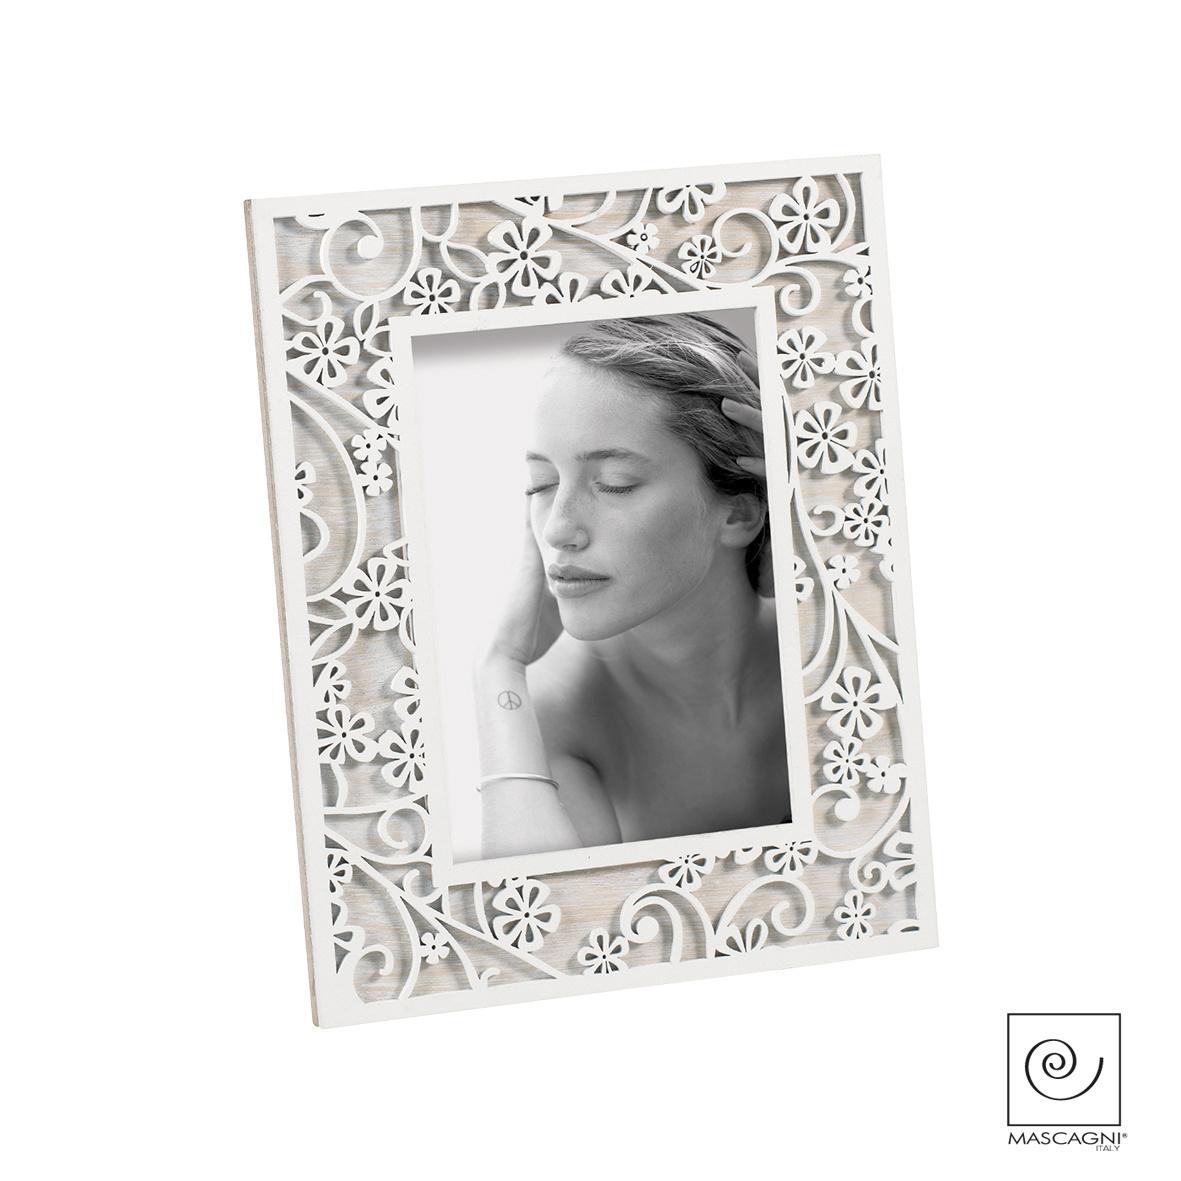 Art Mascagni A660 PHOTO FRAME 13X18 - COL. WHITE